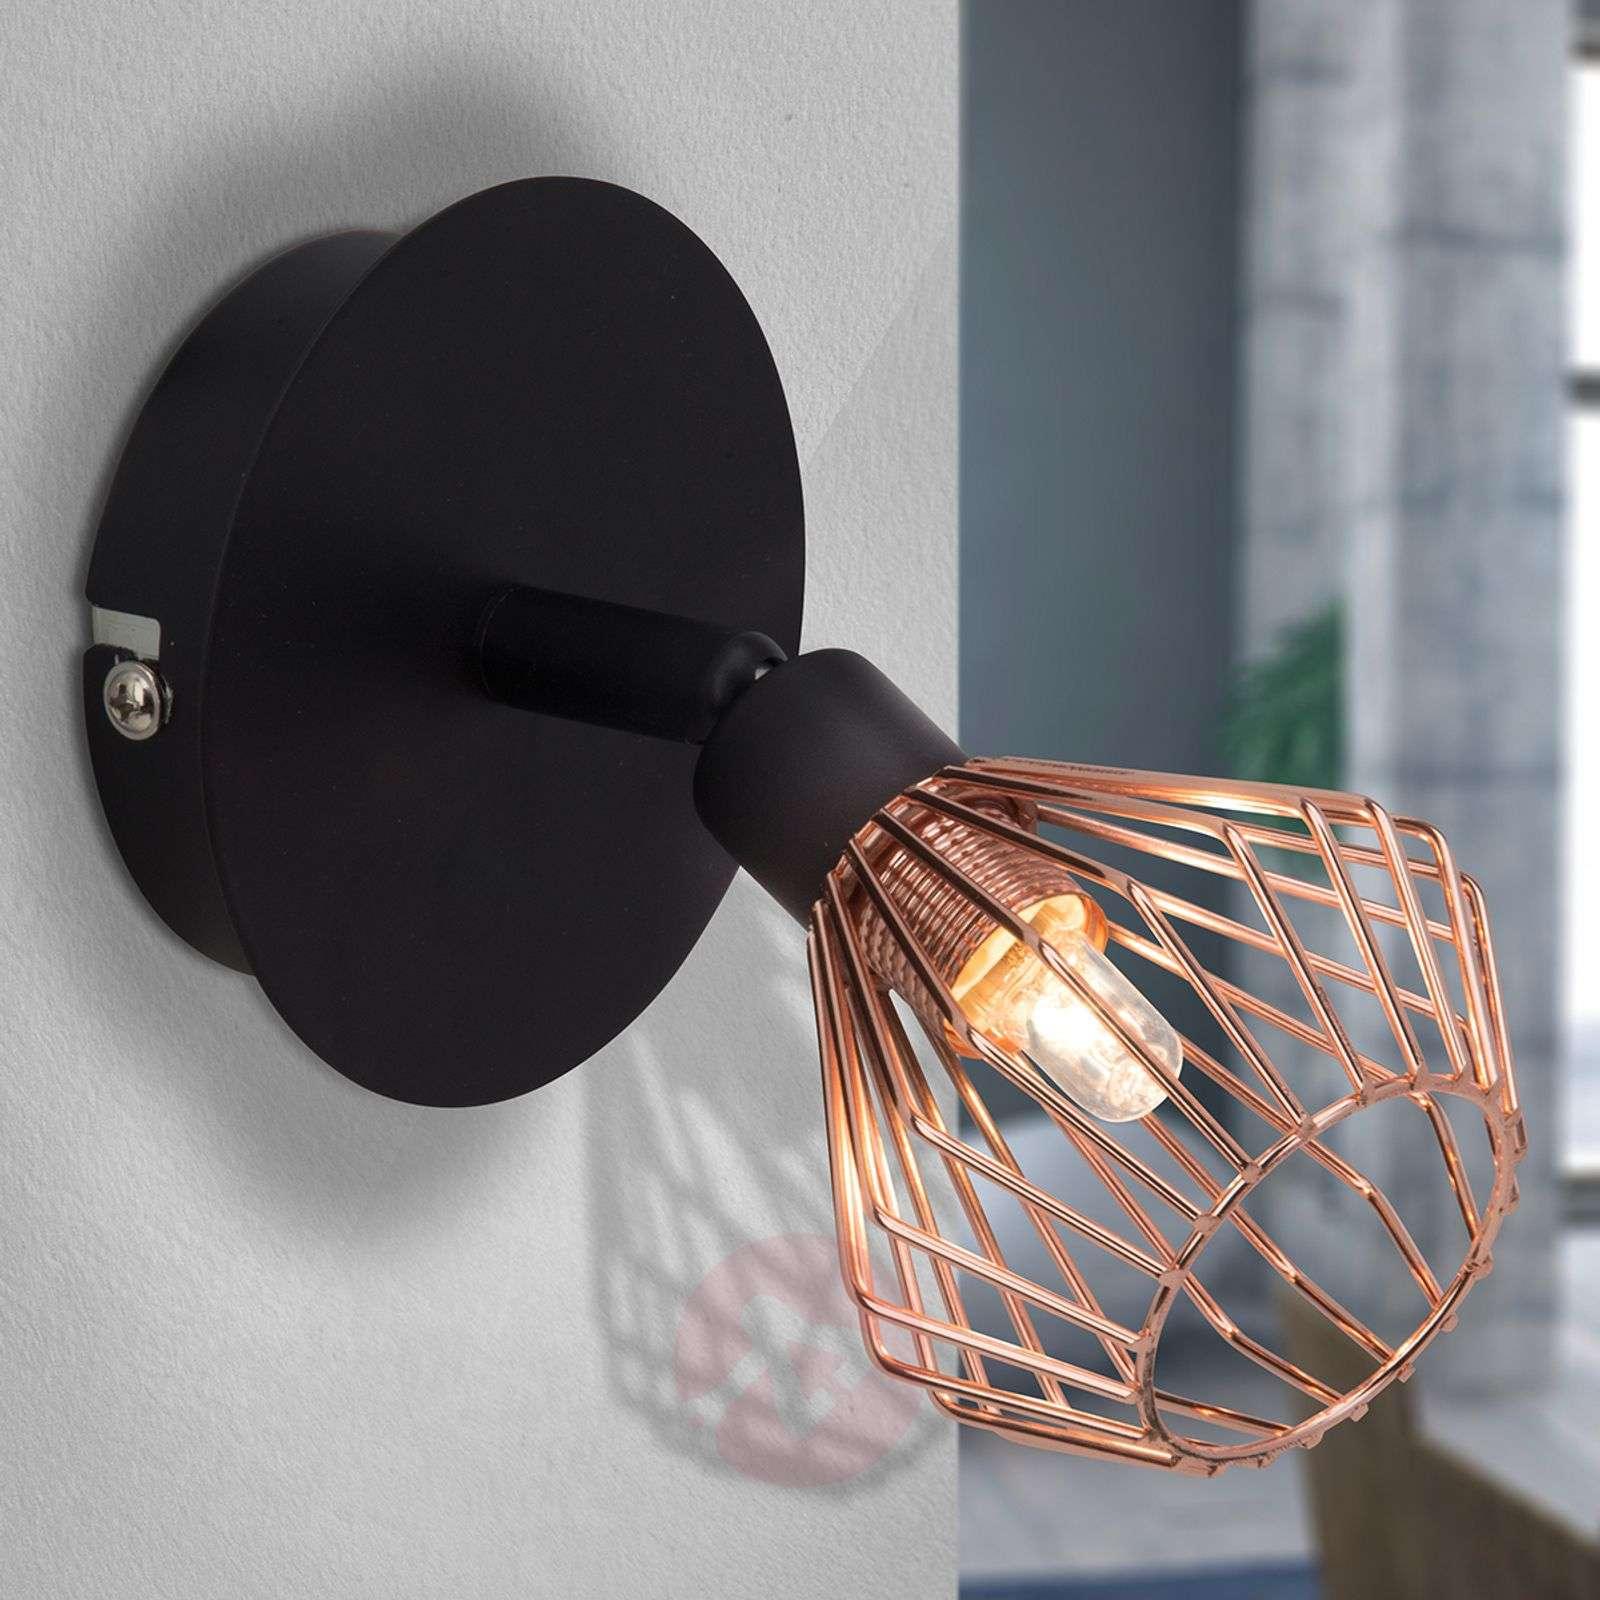 Stylish wall light Dalma-1509095-01